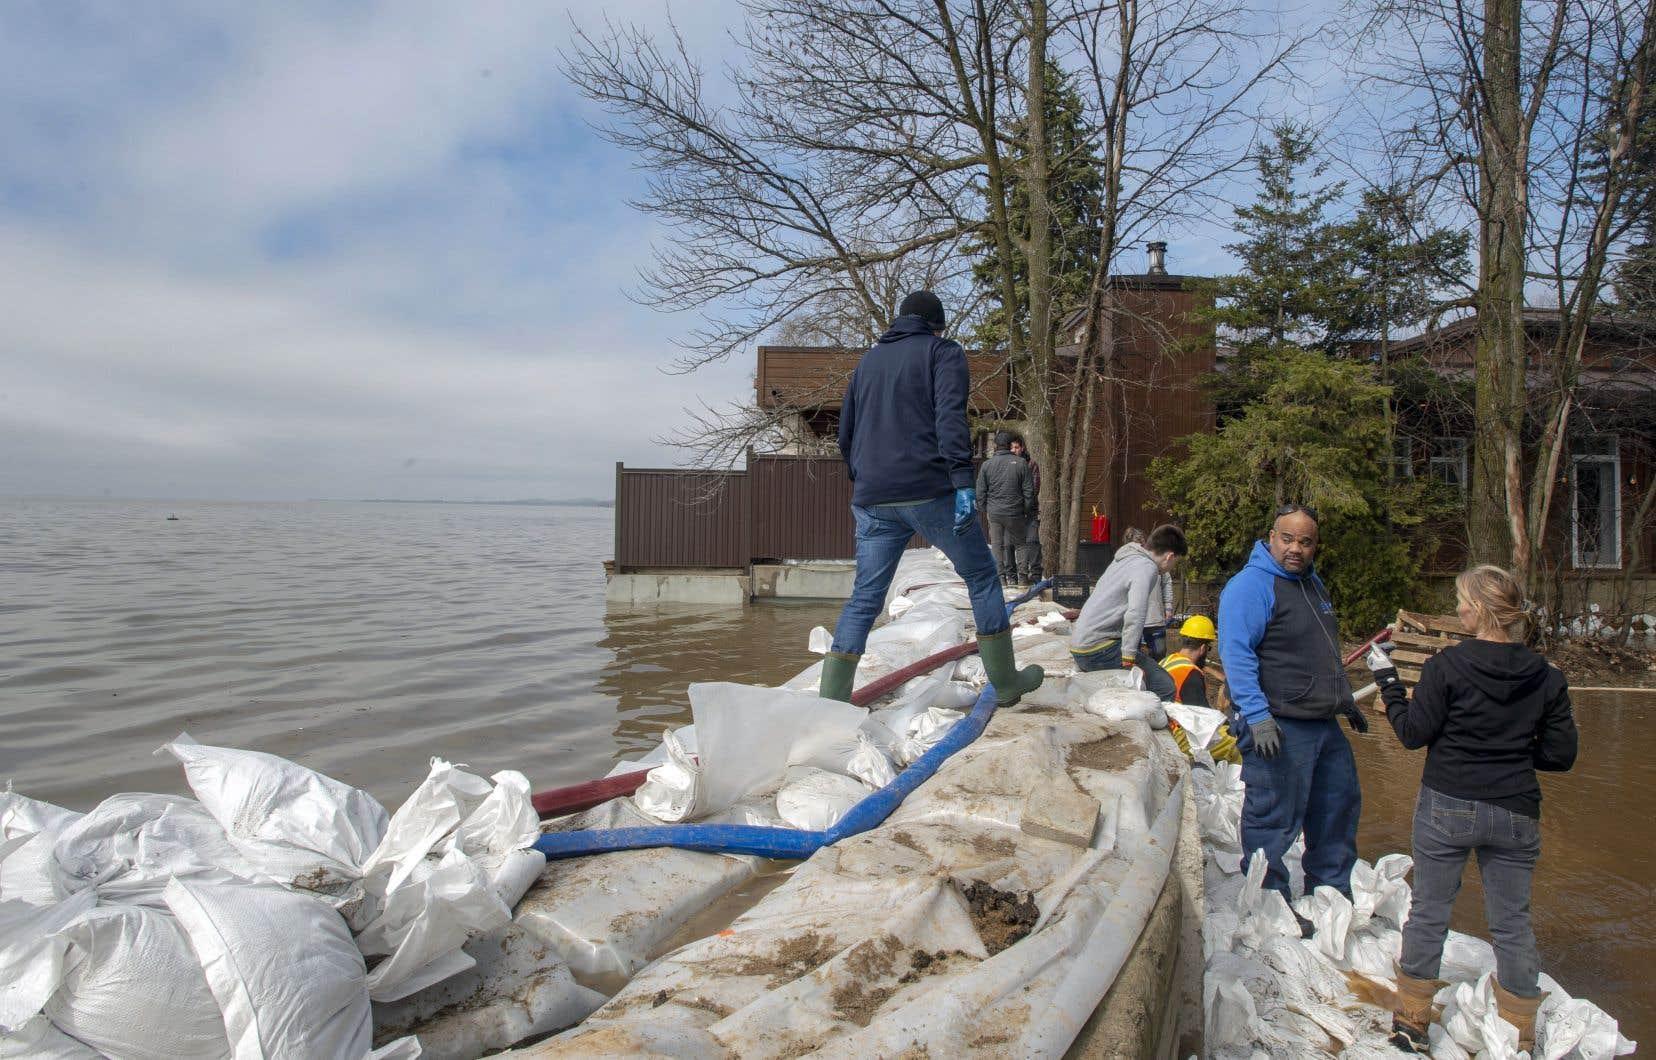 Des milliers de sacs de sable ont été empilés par endroits afin de limiter les dégâts.